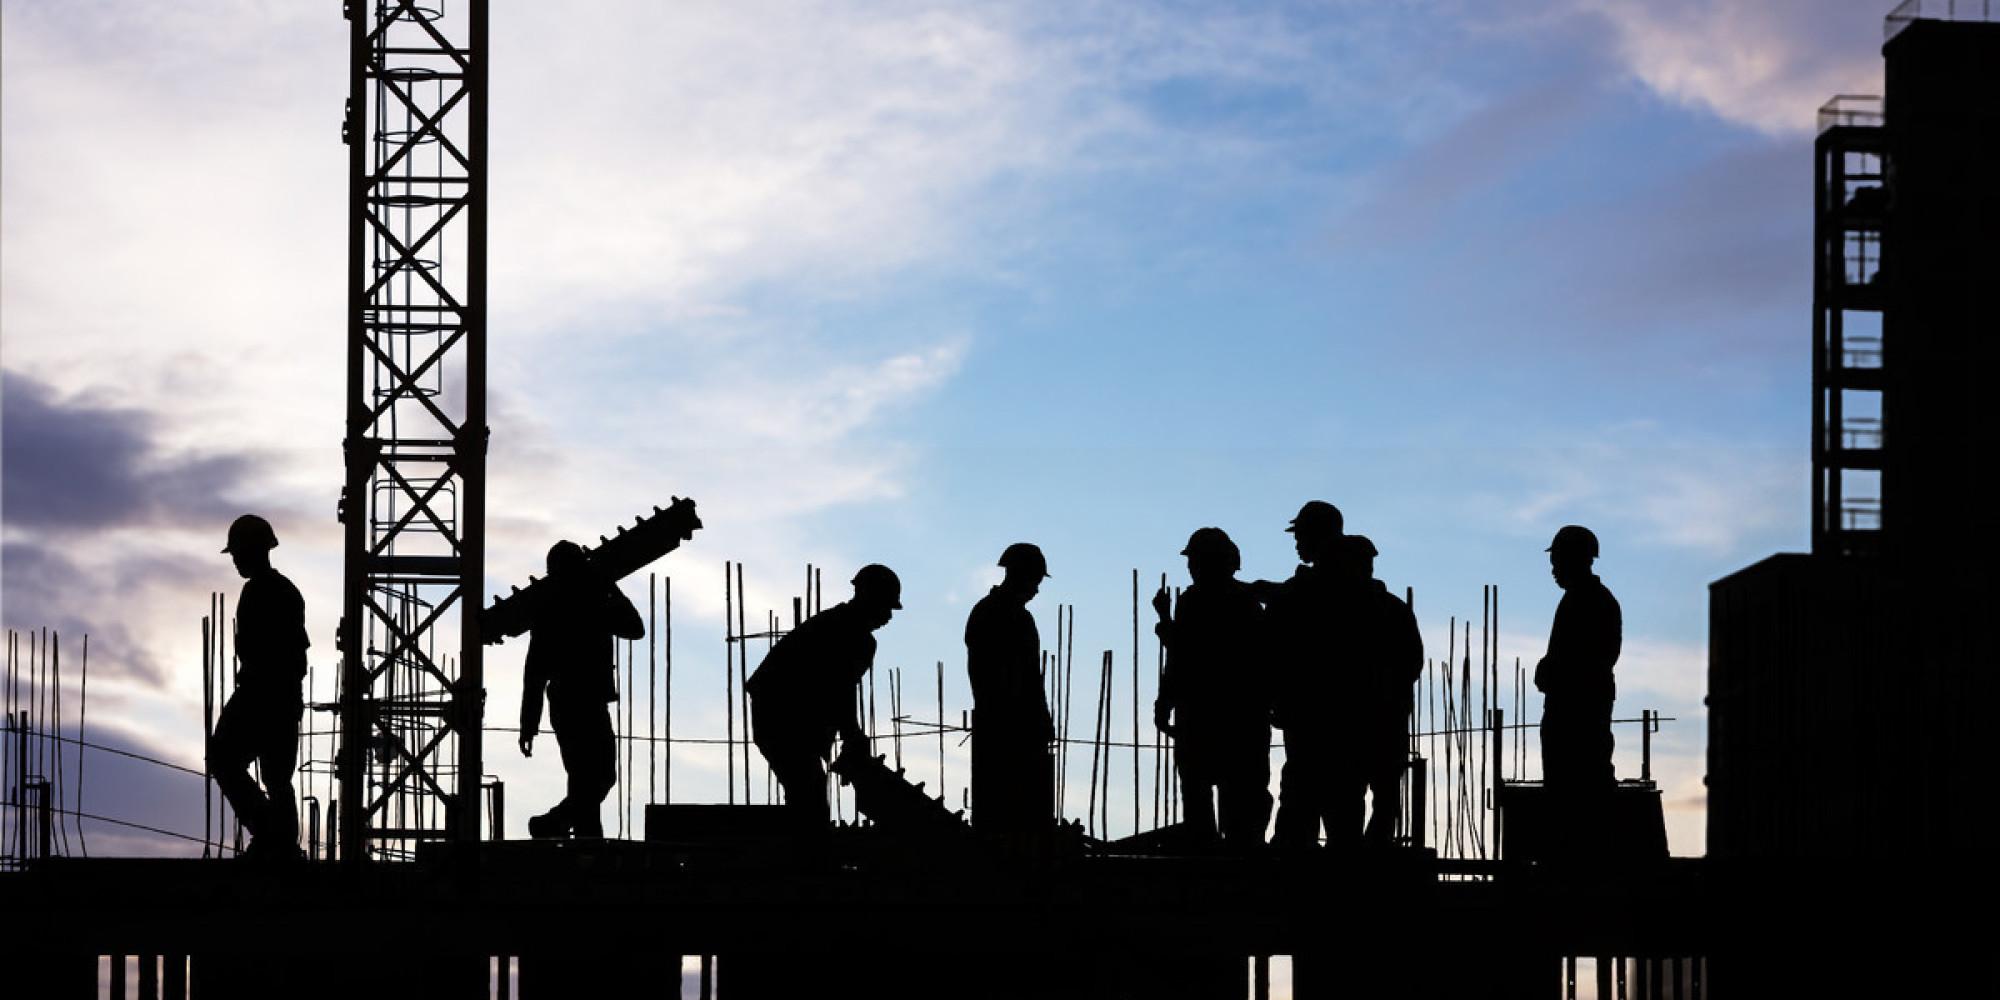 世界で最も人材不足が深刻な国は日本(調査結果)